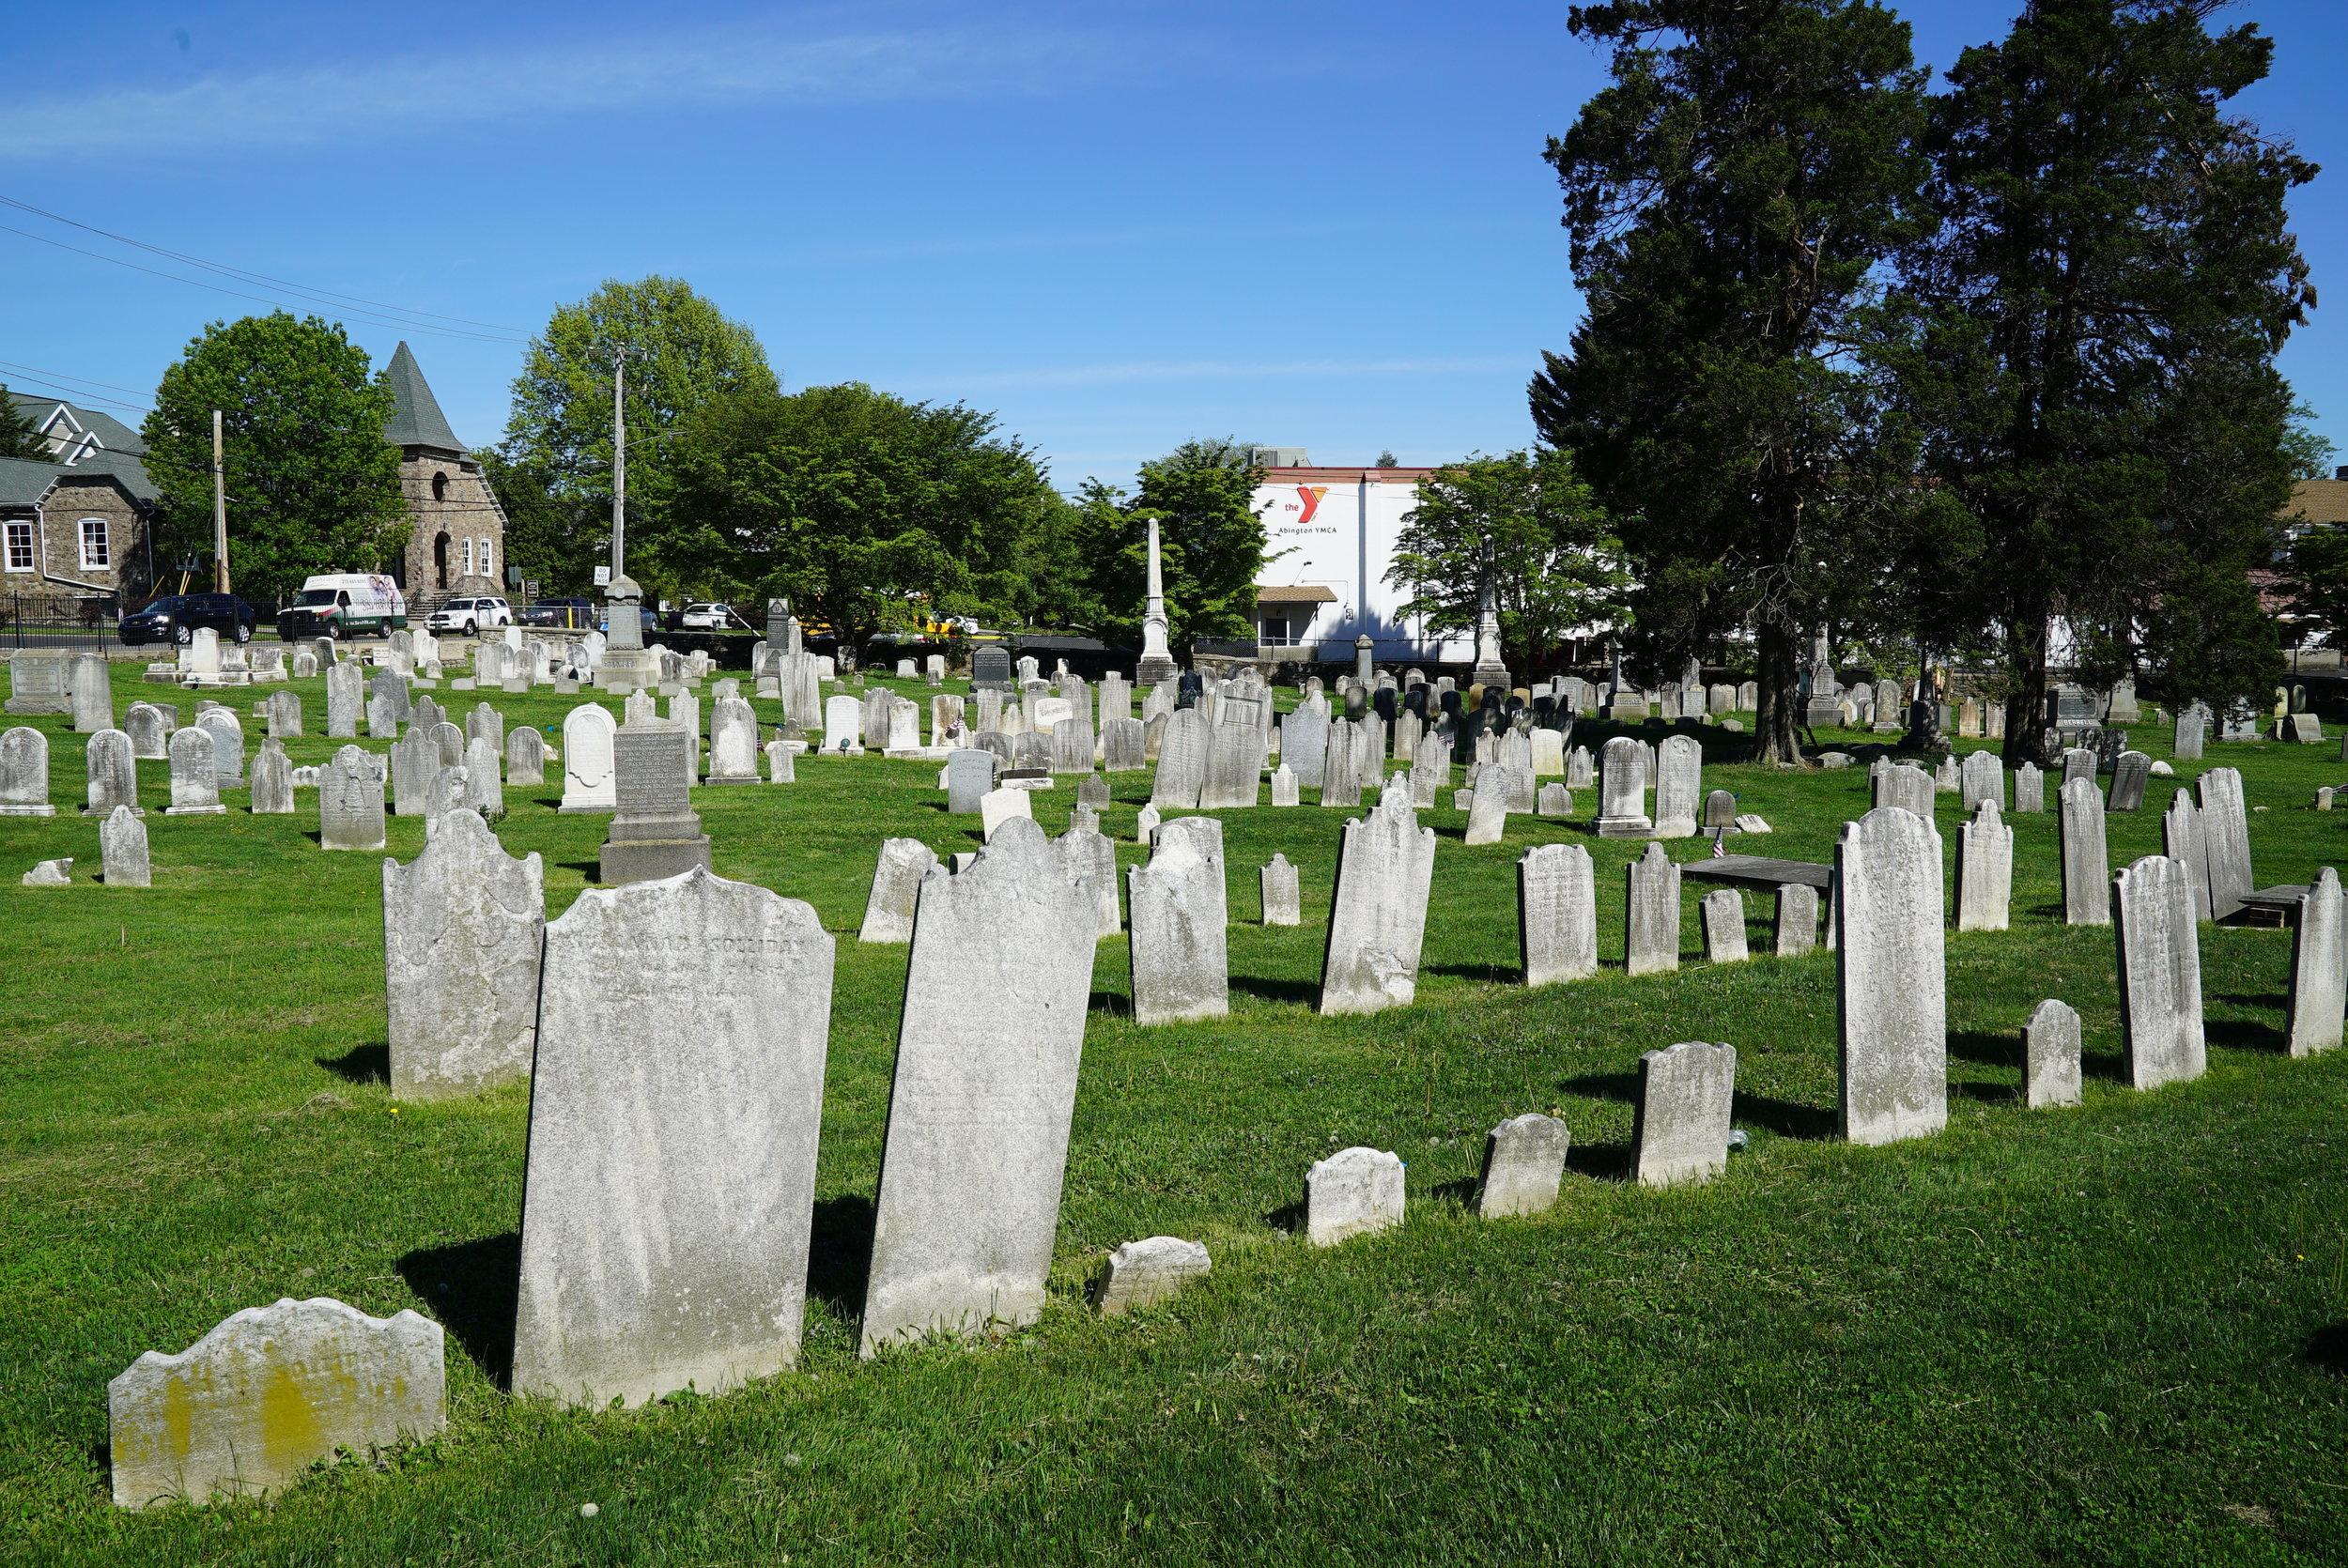 Abington Presbyterian Church Cemetery. Montgomery County, Pennsylvania.